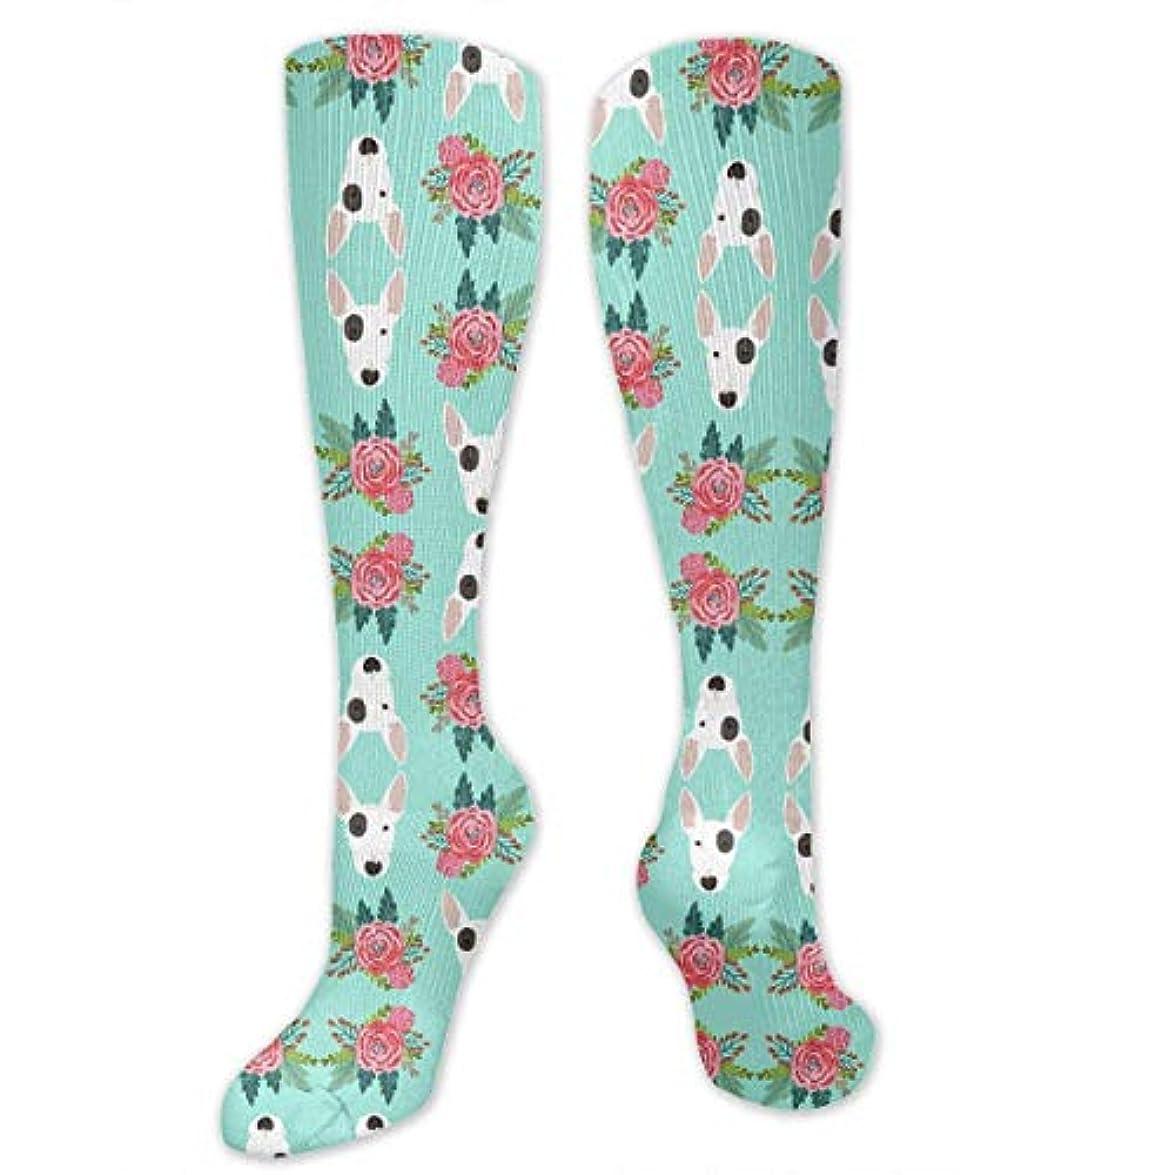 スローガン溝デコードする靴下,ストッキング,野生のジョーカー,実際,秋の本質,冬必須,サマーウェア&RBXAA Bull Terrier Floral Flowers Bull Blue Socks Women's Winter Cotton...